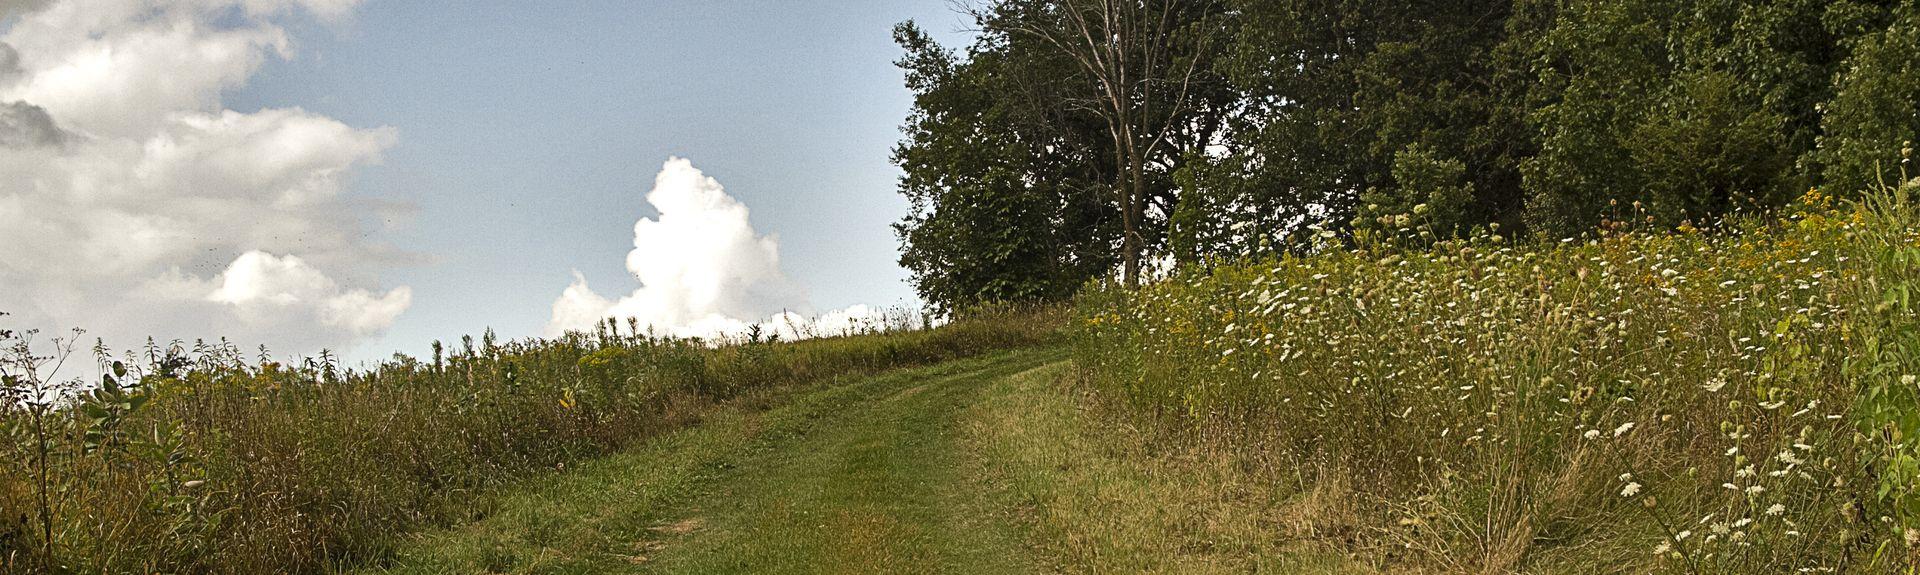 Pendarvis (site minier historique), Mineral Point, Wisconsin, États-Unis d'Amérique